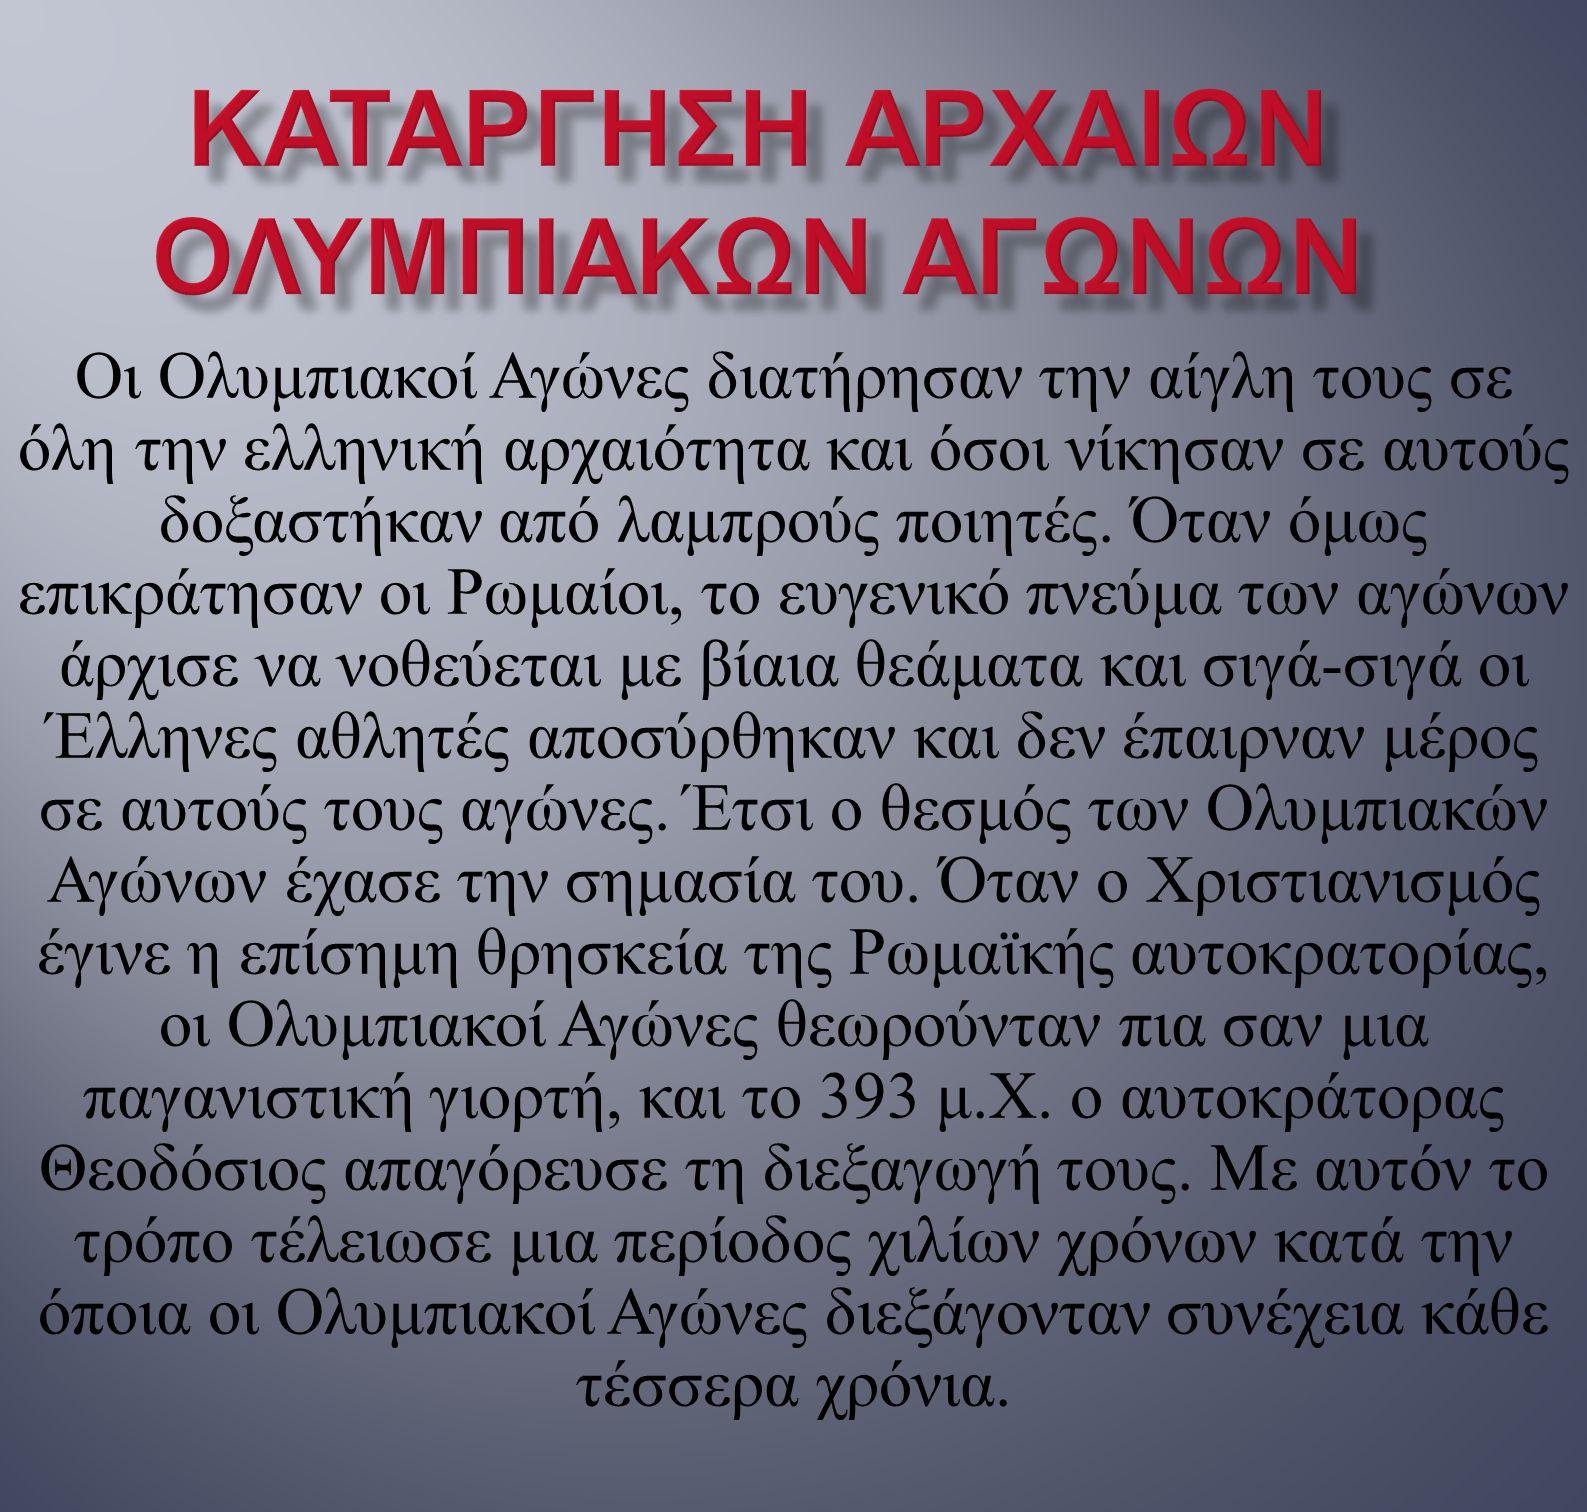 Καταργηση Αρχαιων Ολυμπιακων Αγωνων